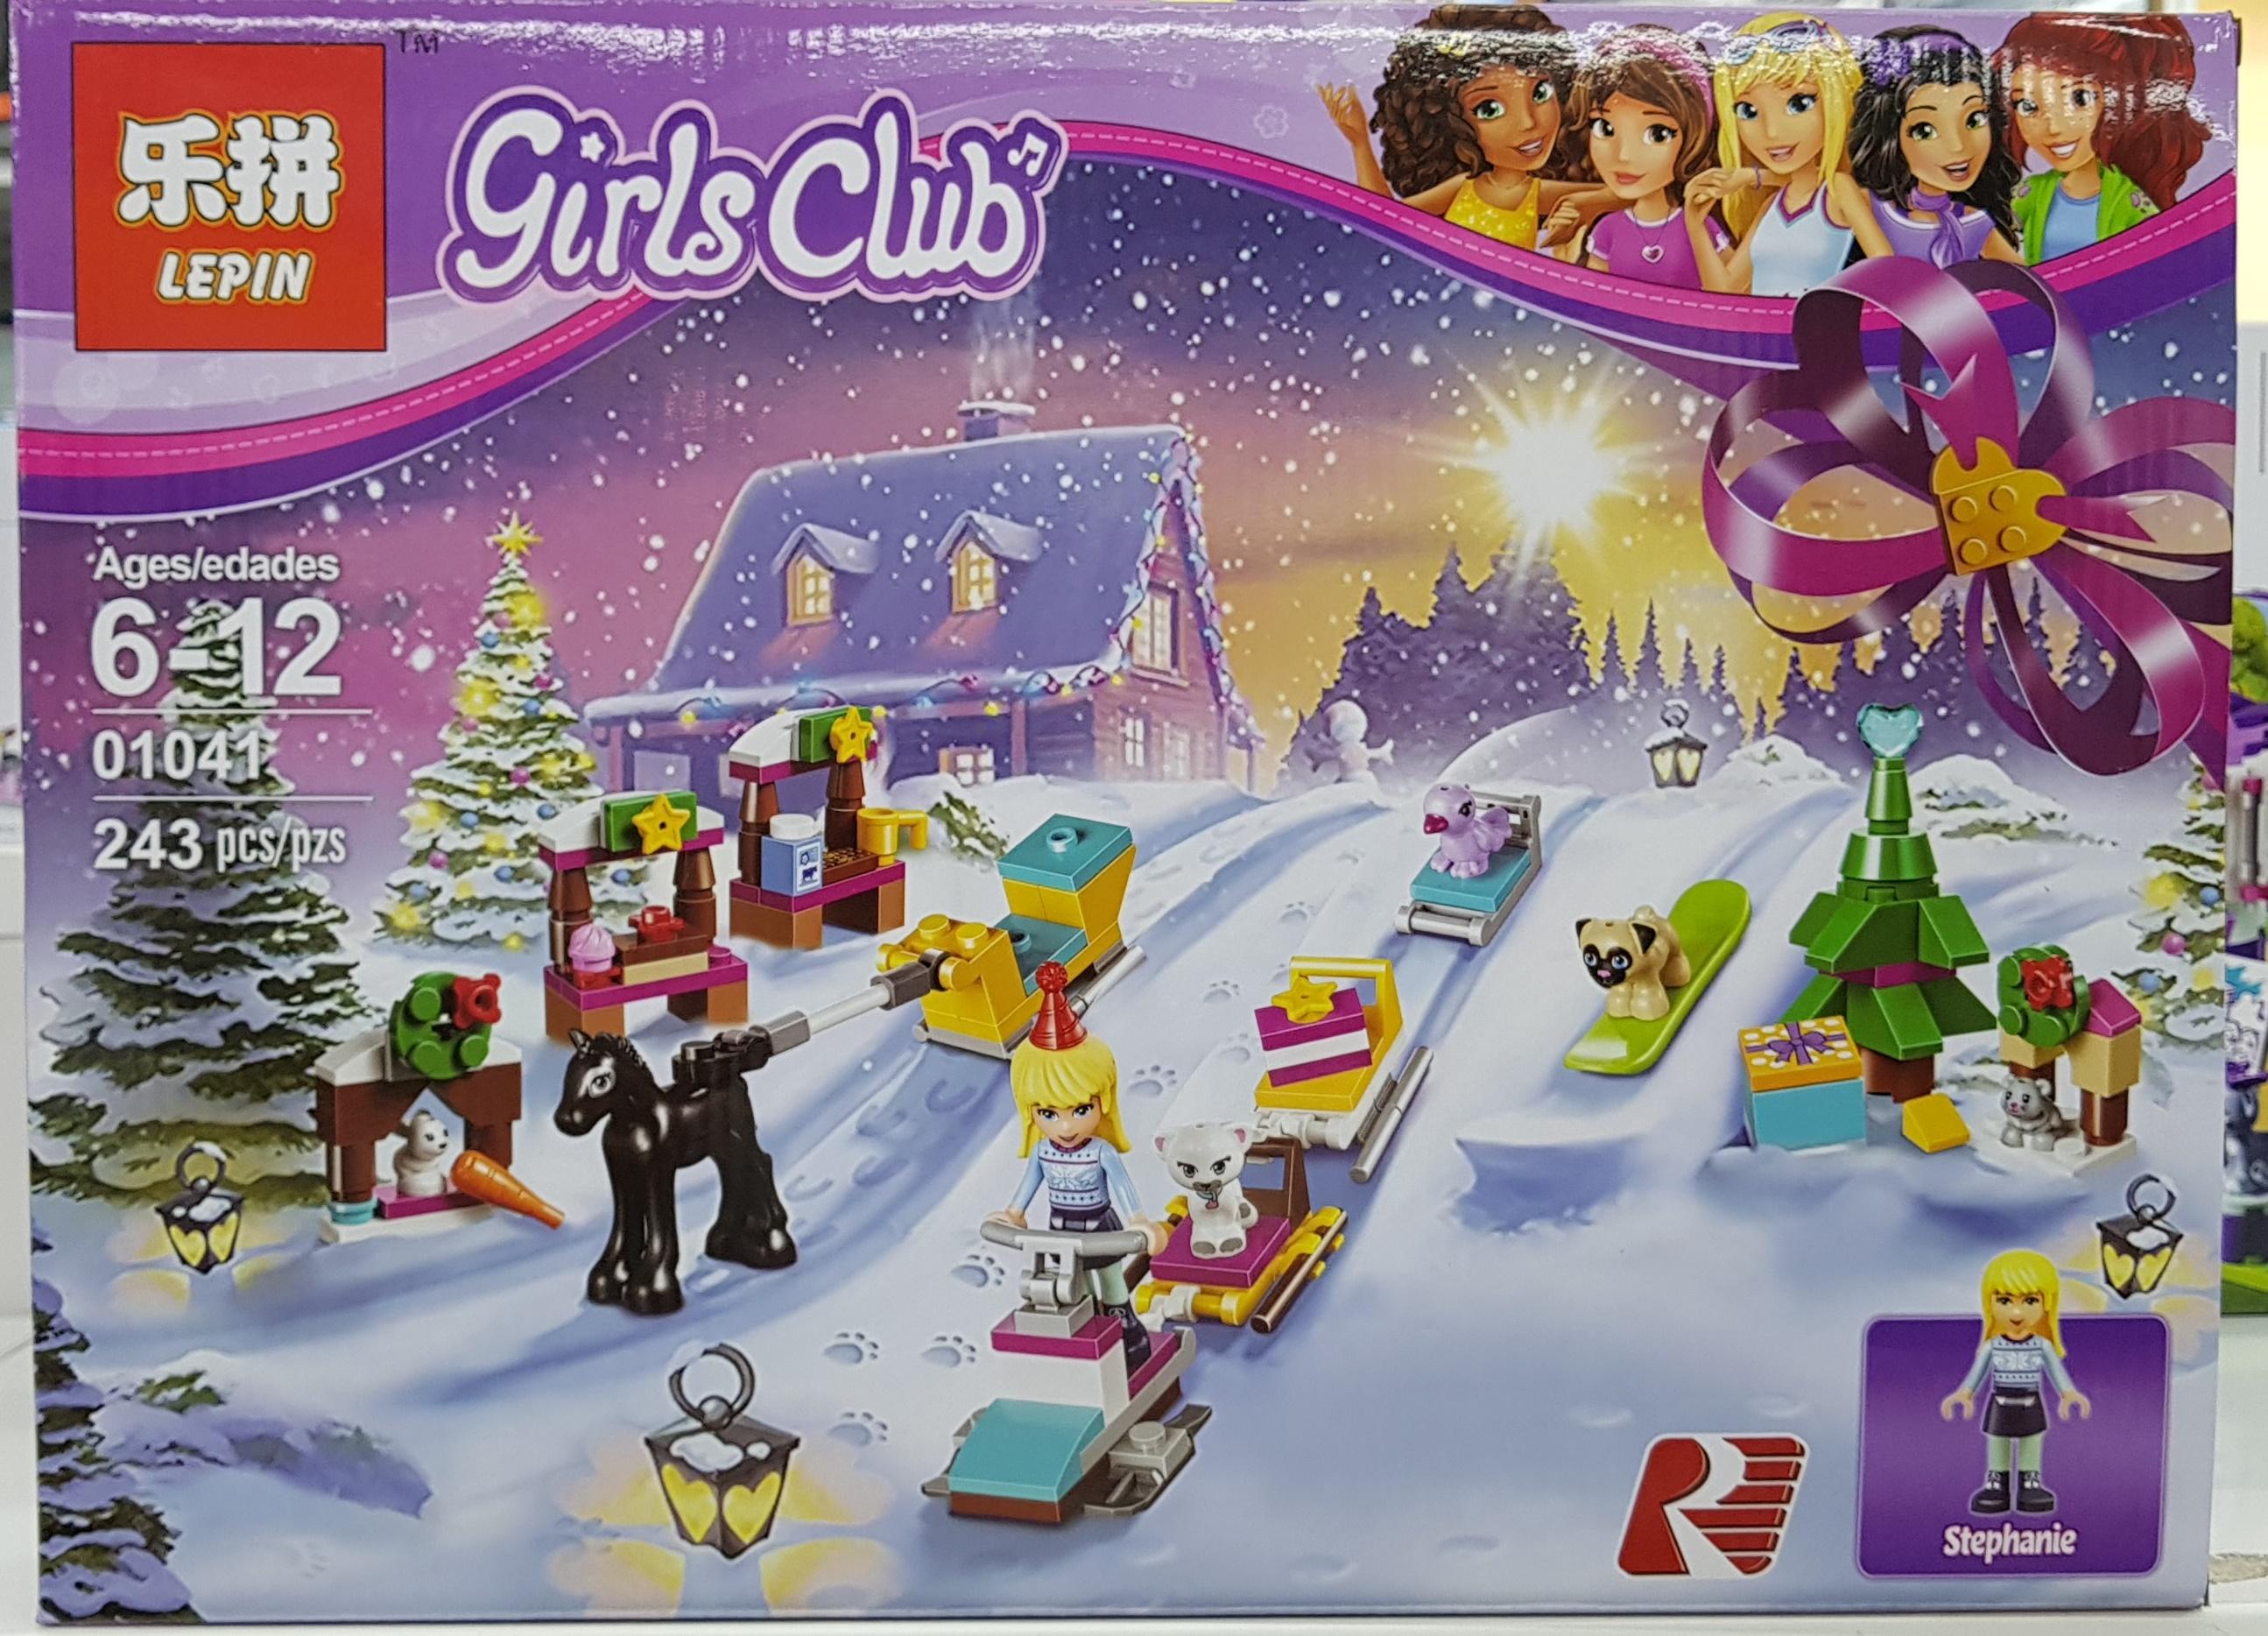 LEPIN GIRLS CLUB 01041 (243ชิ้น)